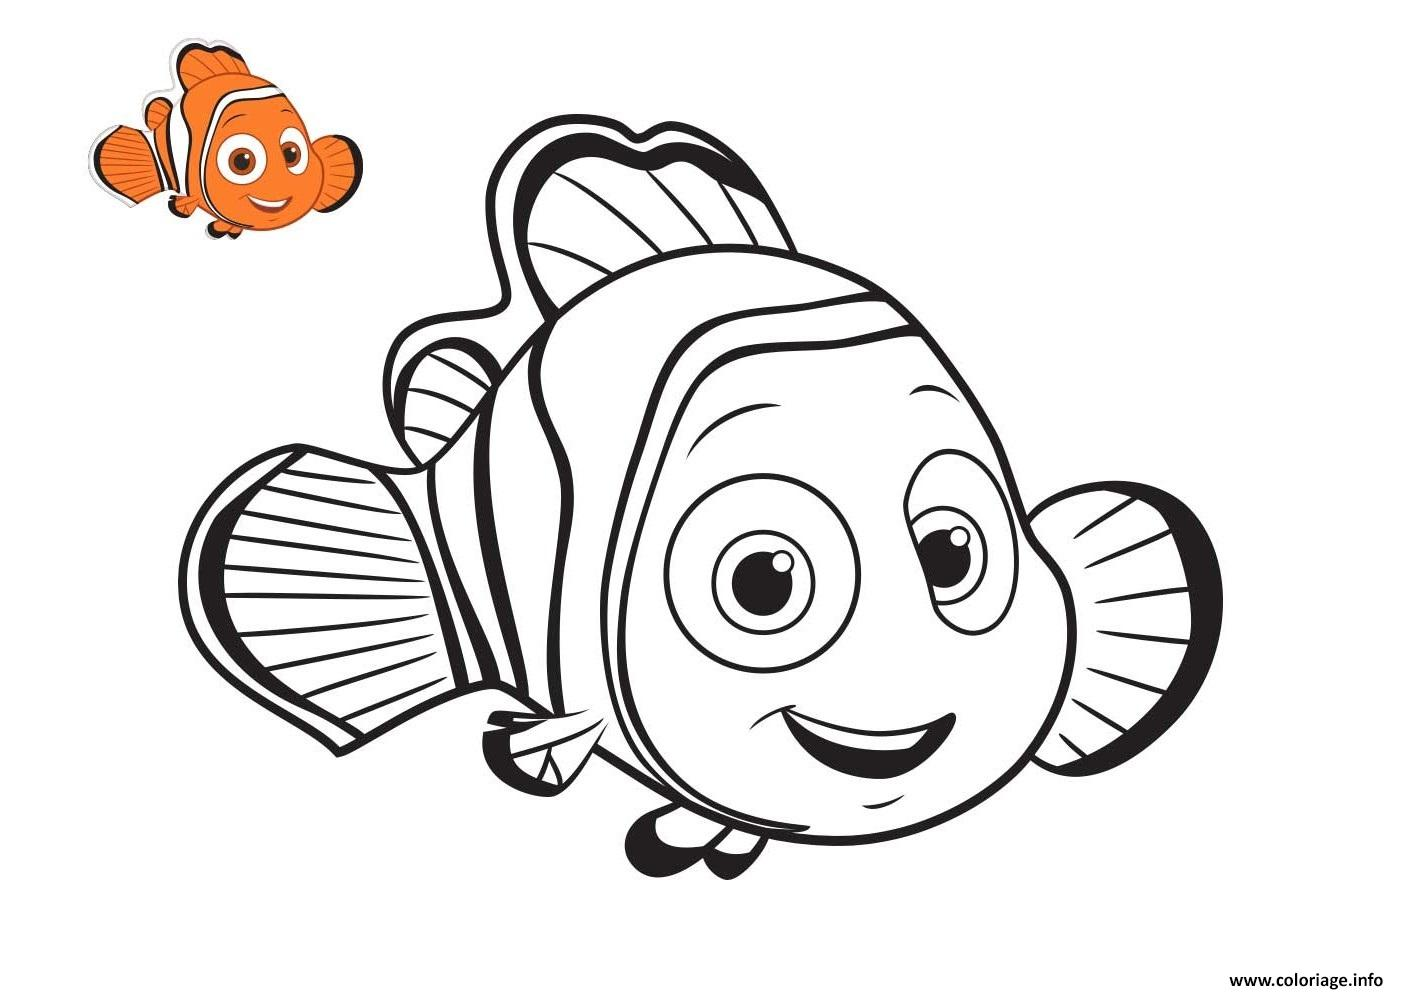 à couper le Souffle  Mot-Clé Coloriage Nemo Cherche Son Pere Dessin Nemo à imprimer